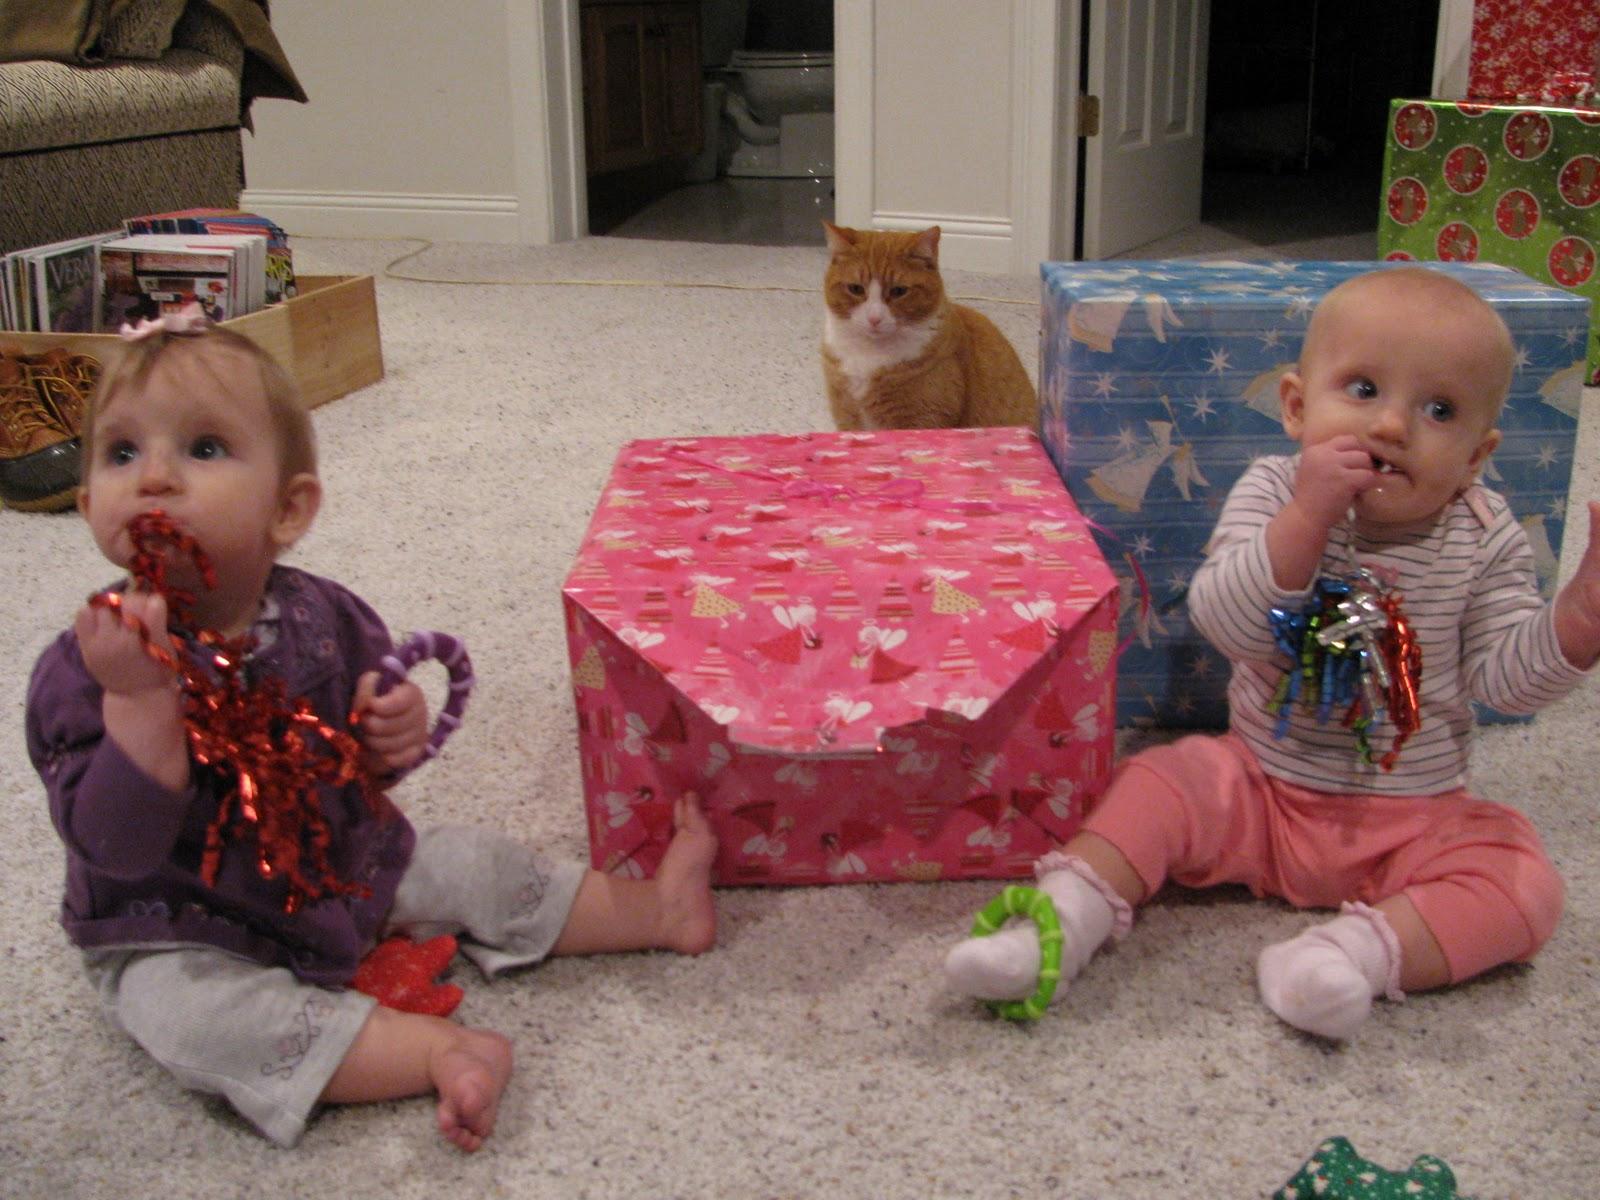 http://1.bp.blogspot.com/_L4R6_AXkDbQ/TRaKNUarKuI/AAAAAAAABFY/pOrzCBAXZCo/s1600/Christmas+Eve+065.JPG